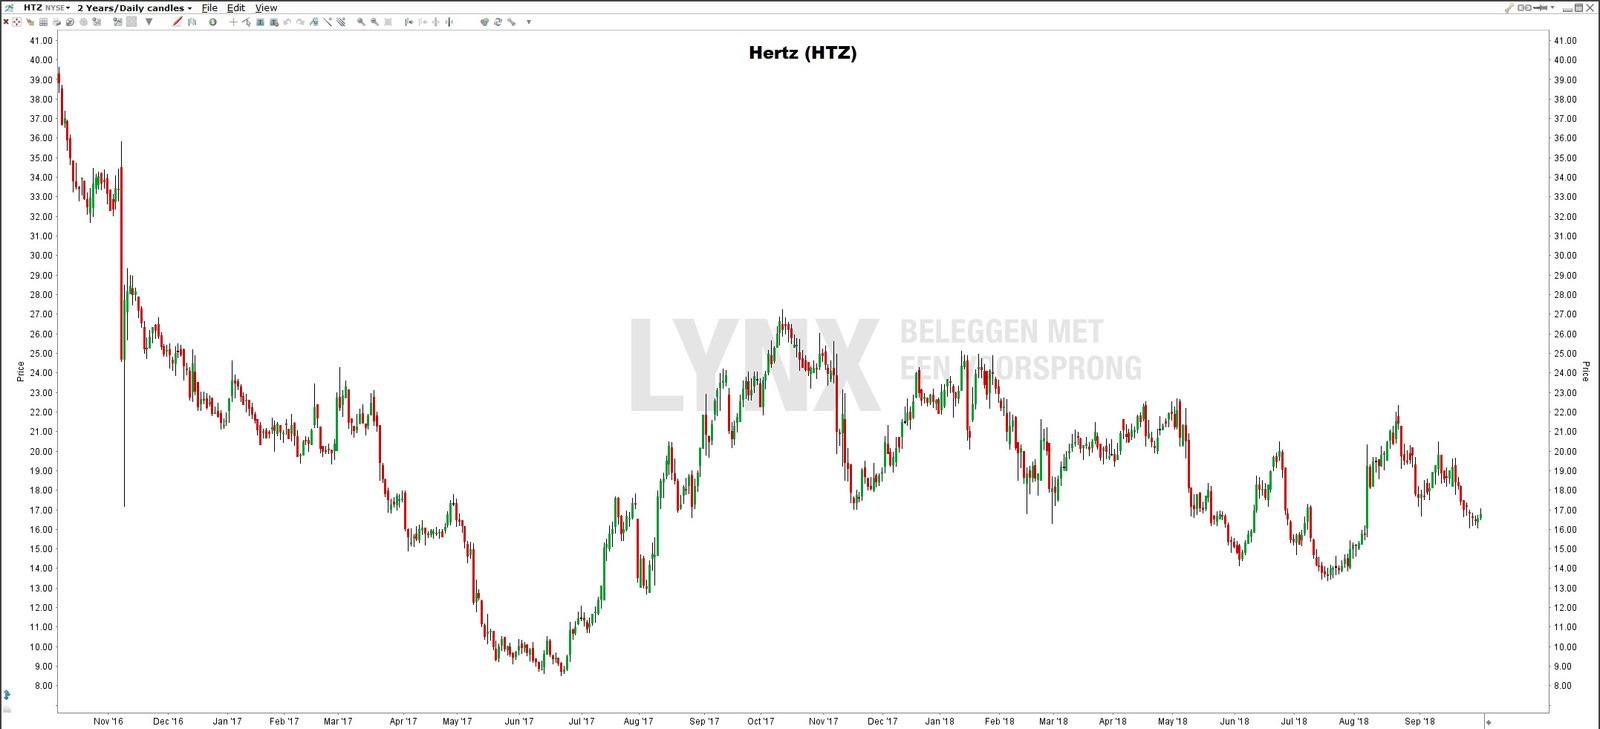 Aandeel Hertz